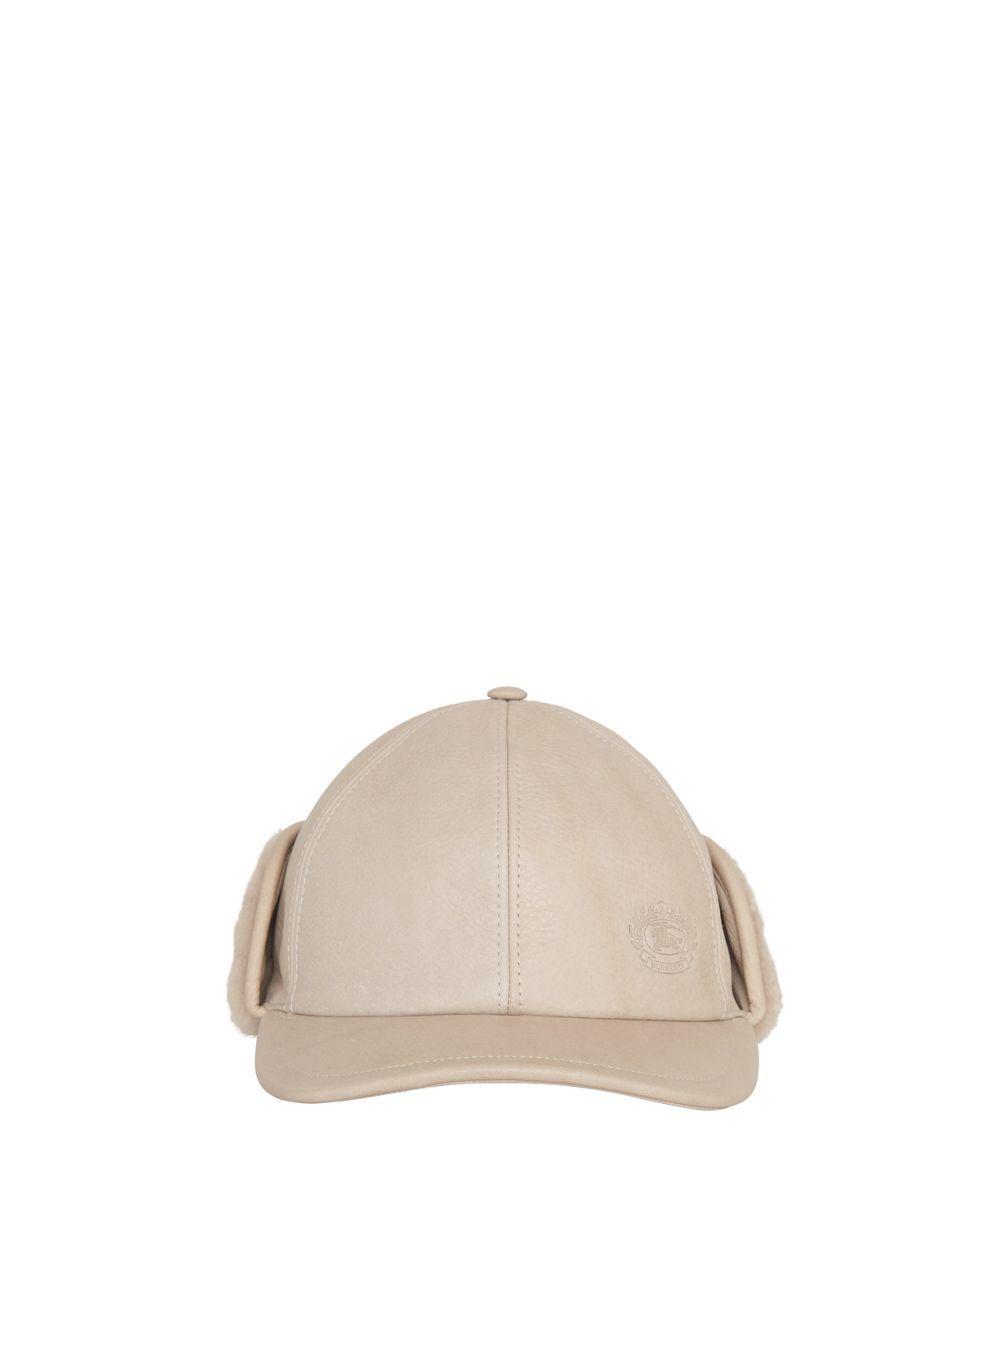 Nude wife in ball cap